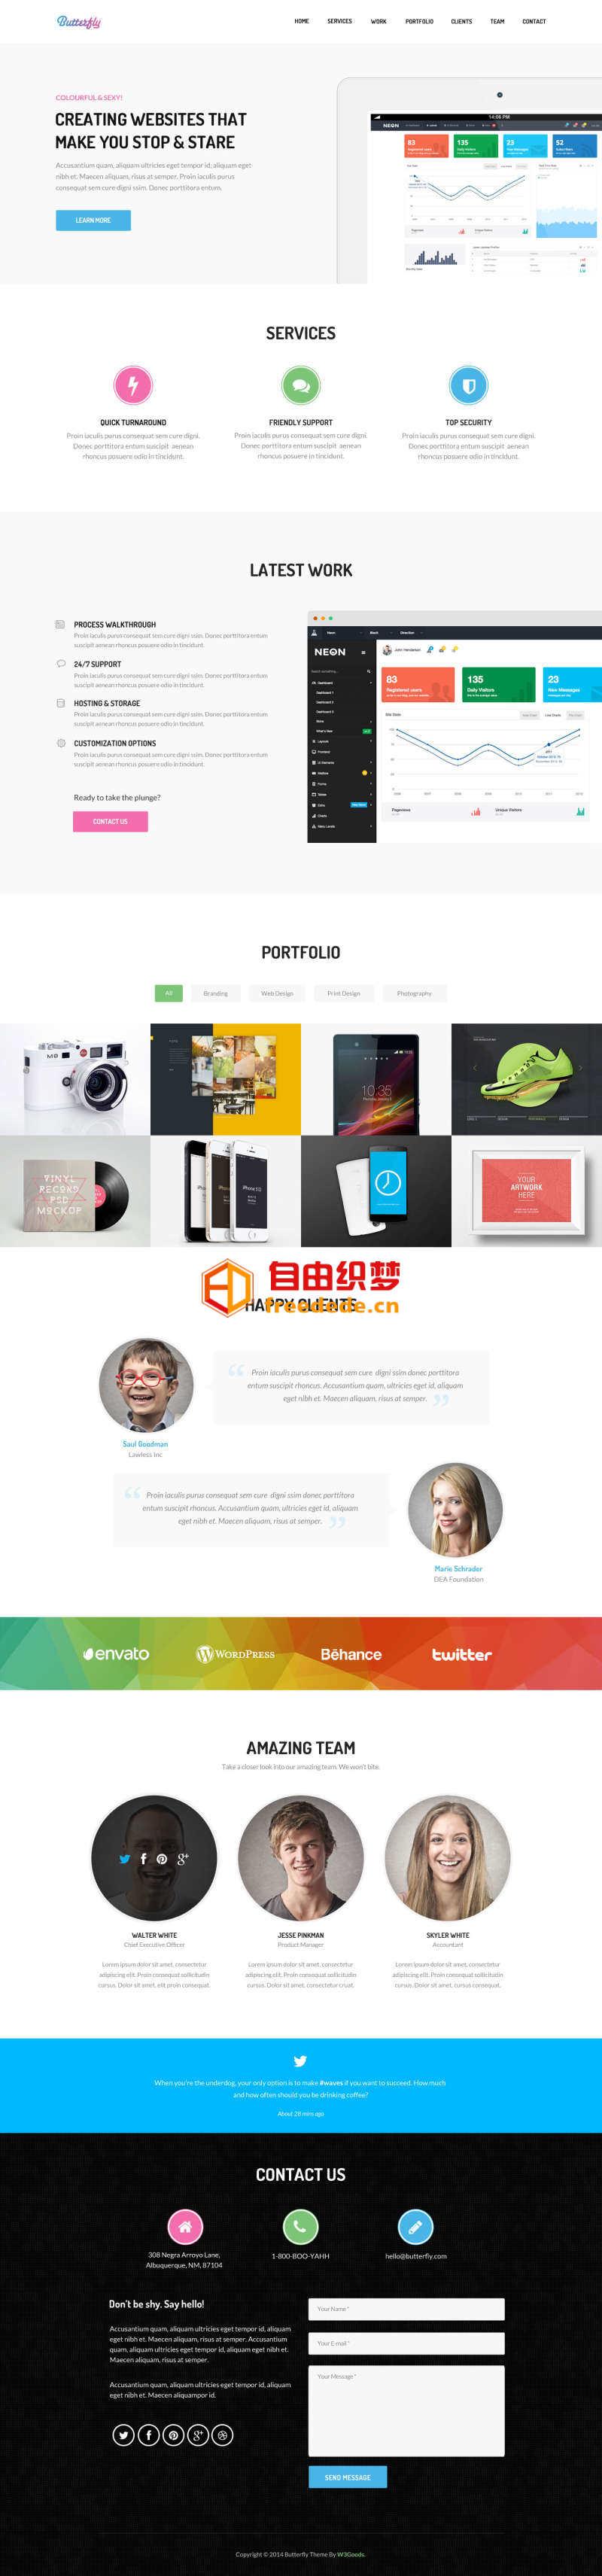 爱上源码网文章html5网络设计公司作品展示单页模板的内容插图